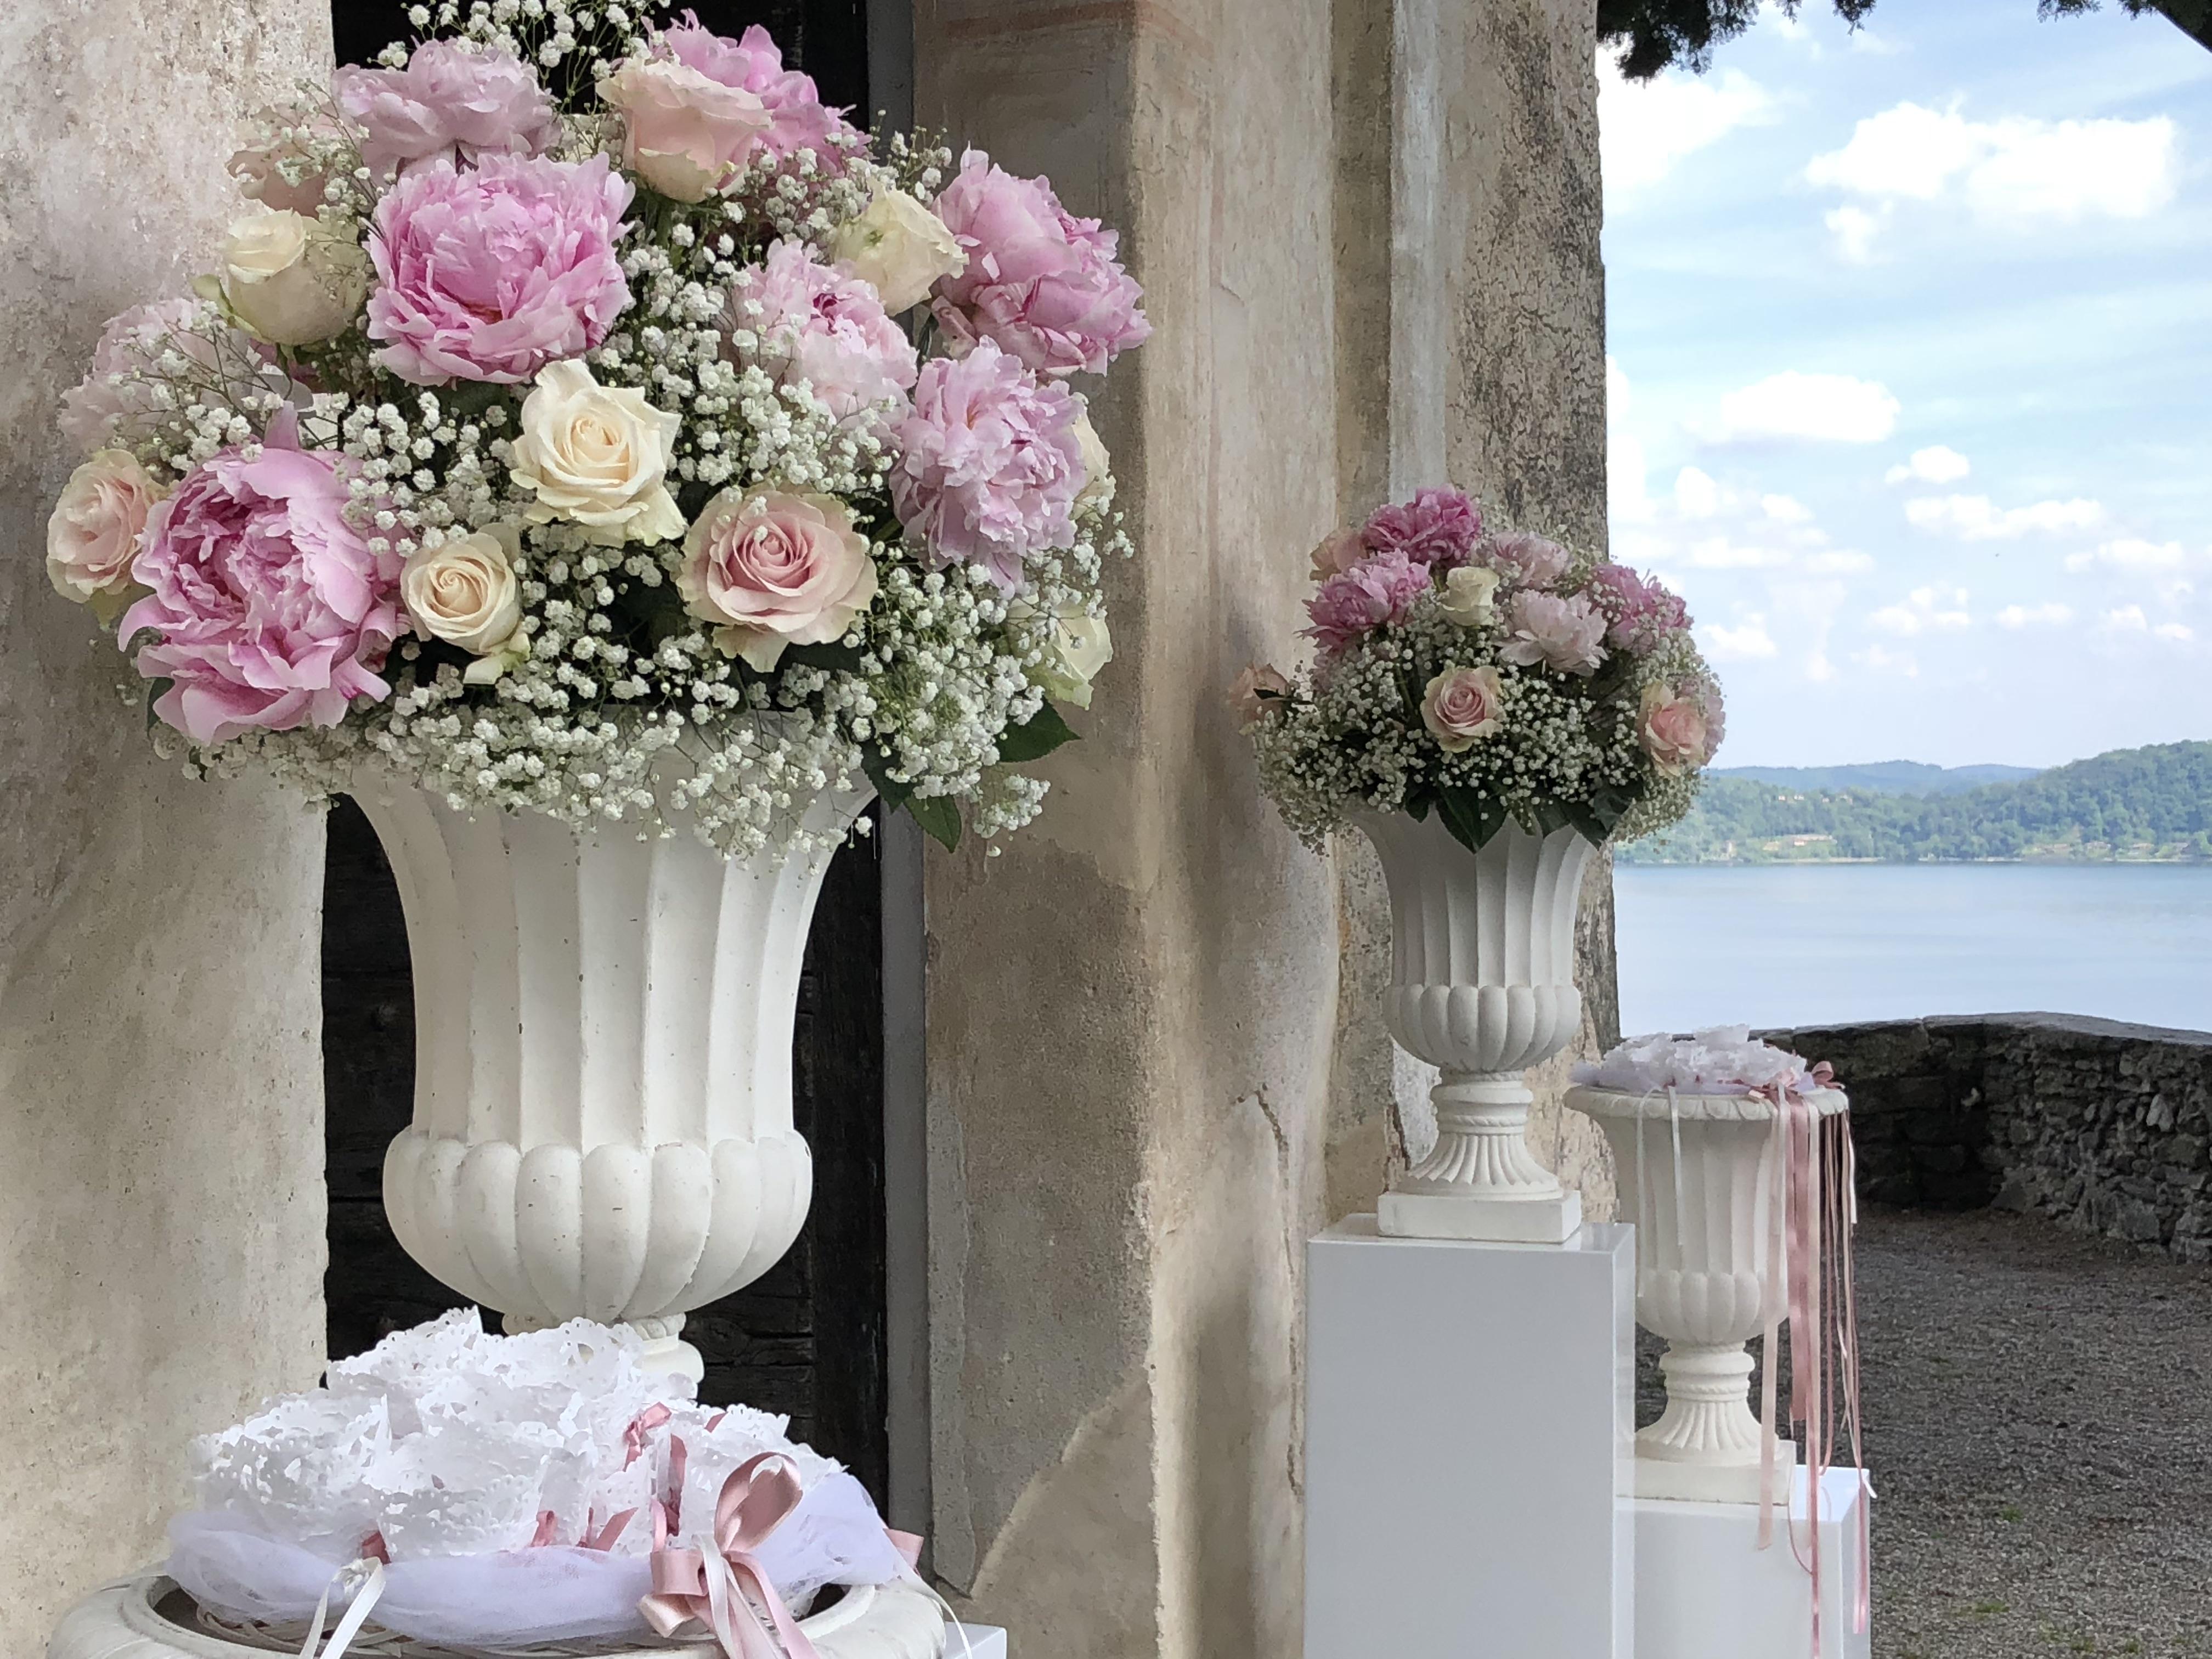 Matrimonio Romantico - Rita Milani Floral Designer 5be32623de4